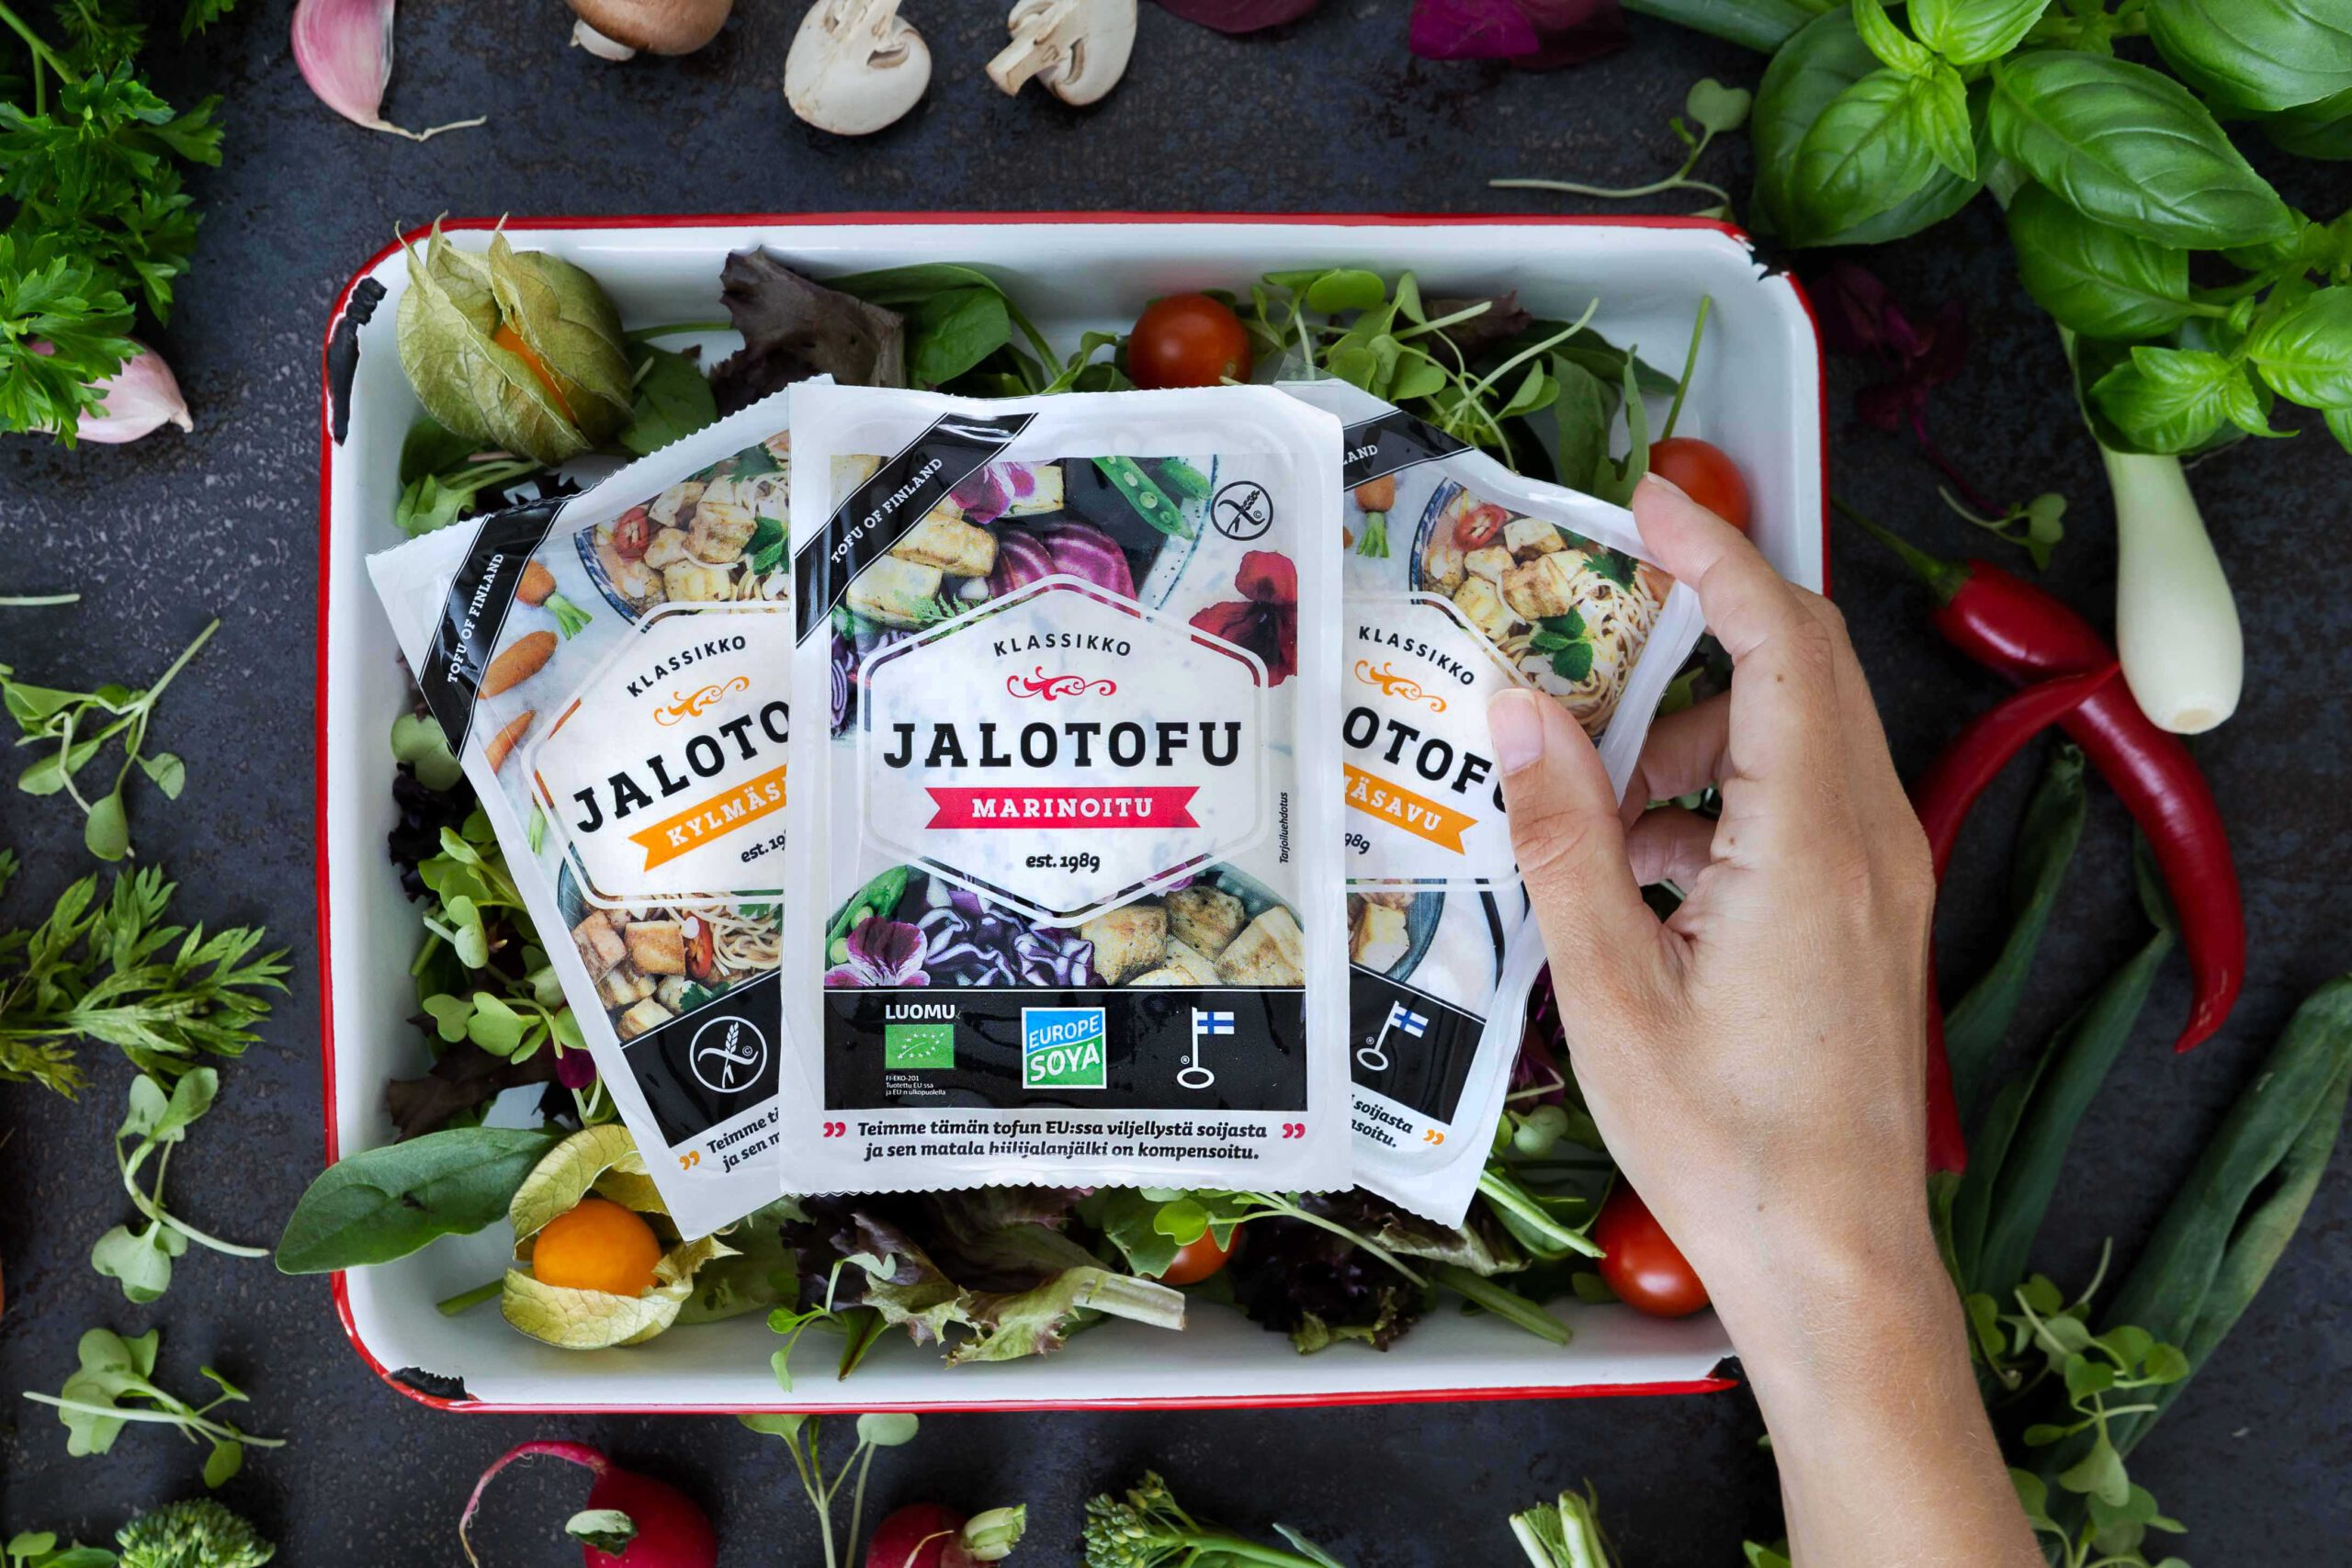 Vastuullinen soija ja tofu tuote